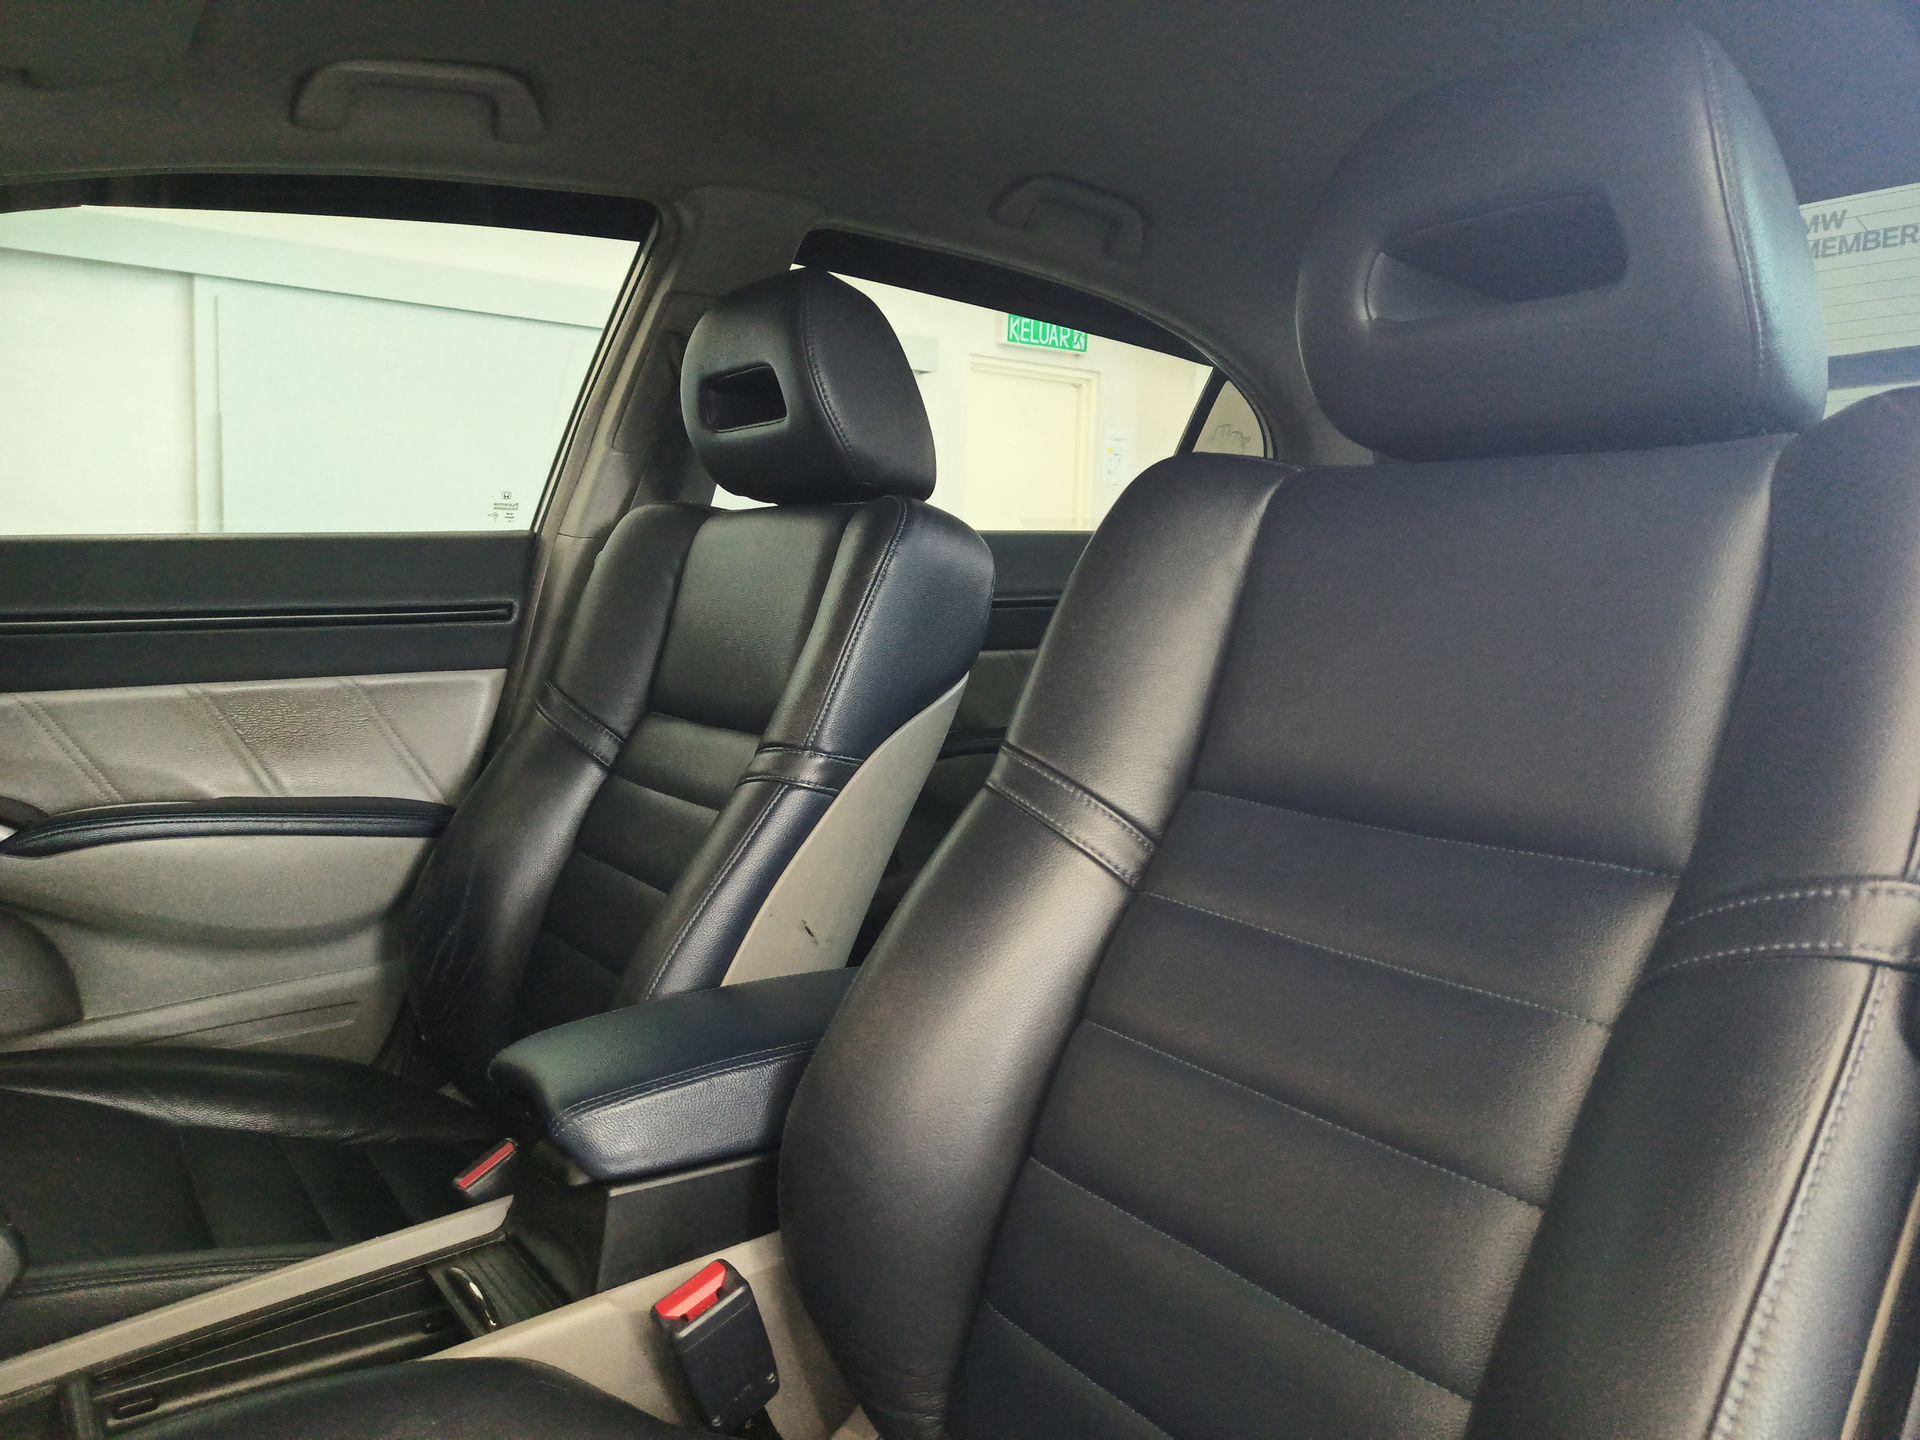 2010 Honda Civic 2.0L I-Vtec (A)